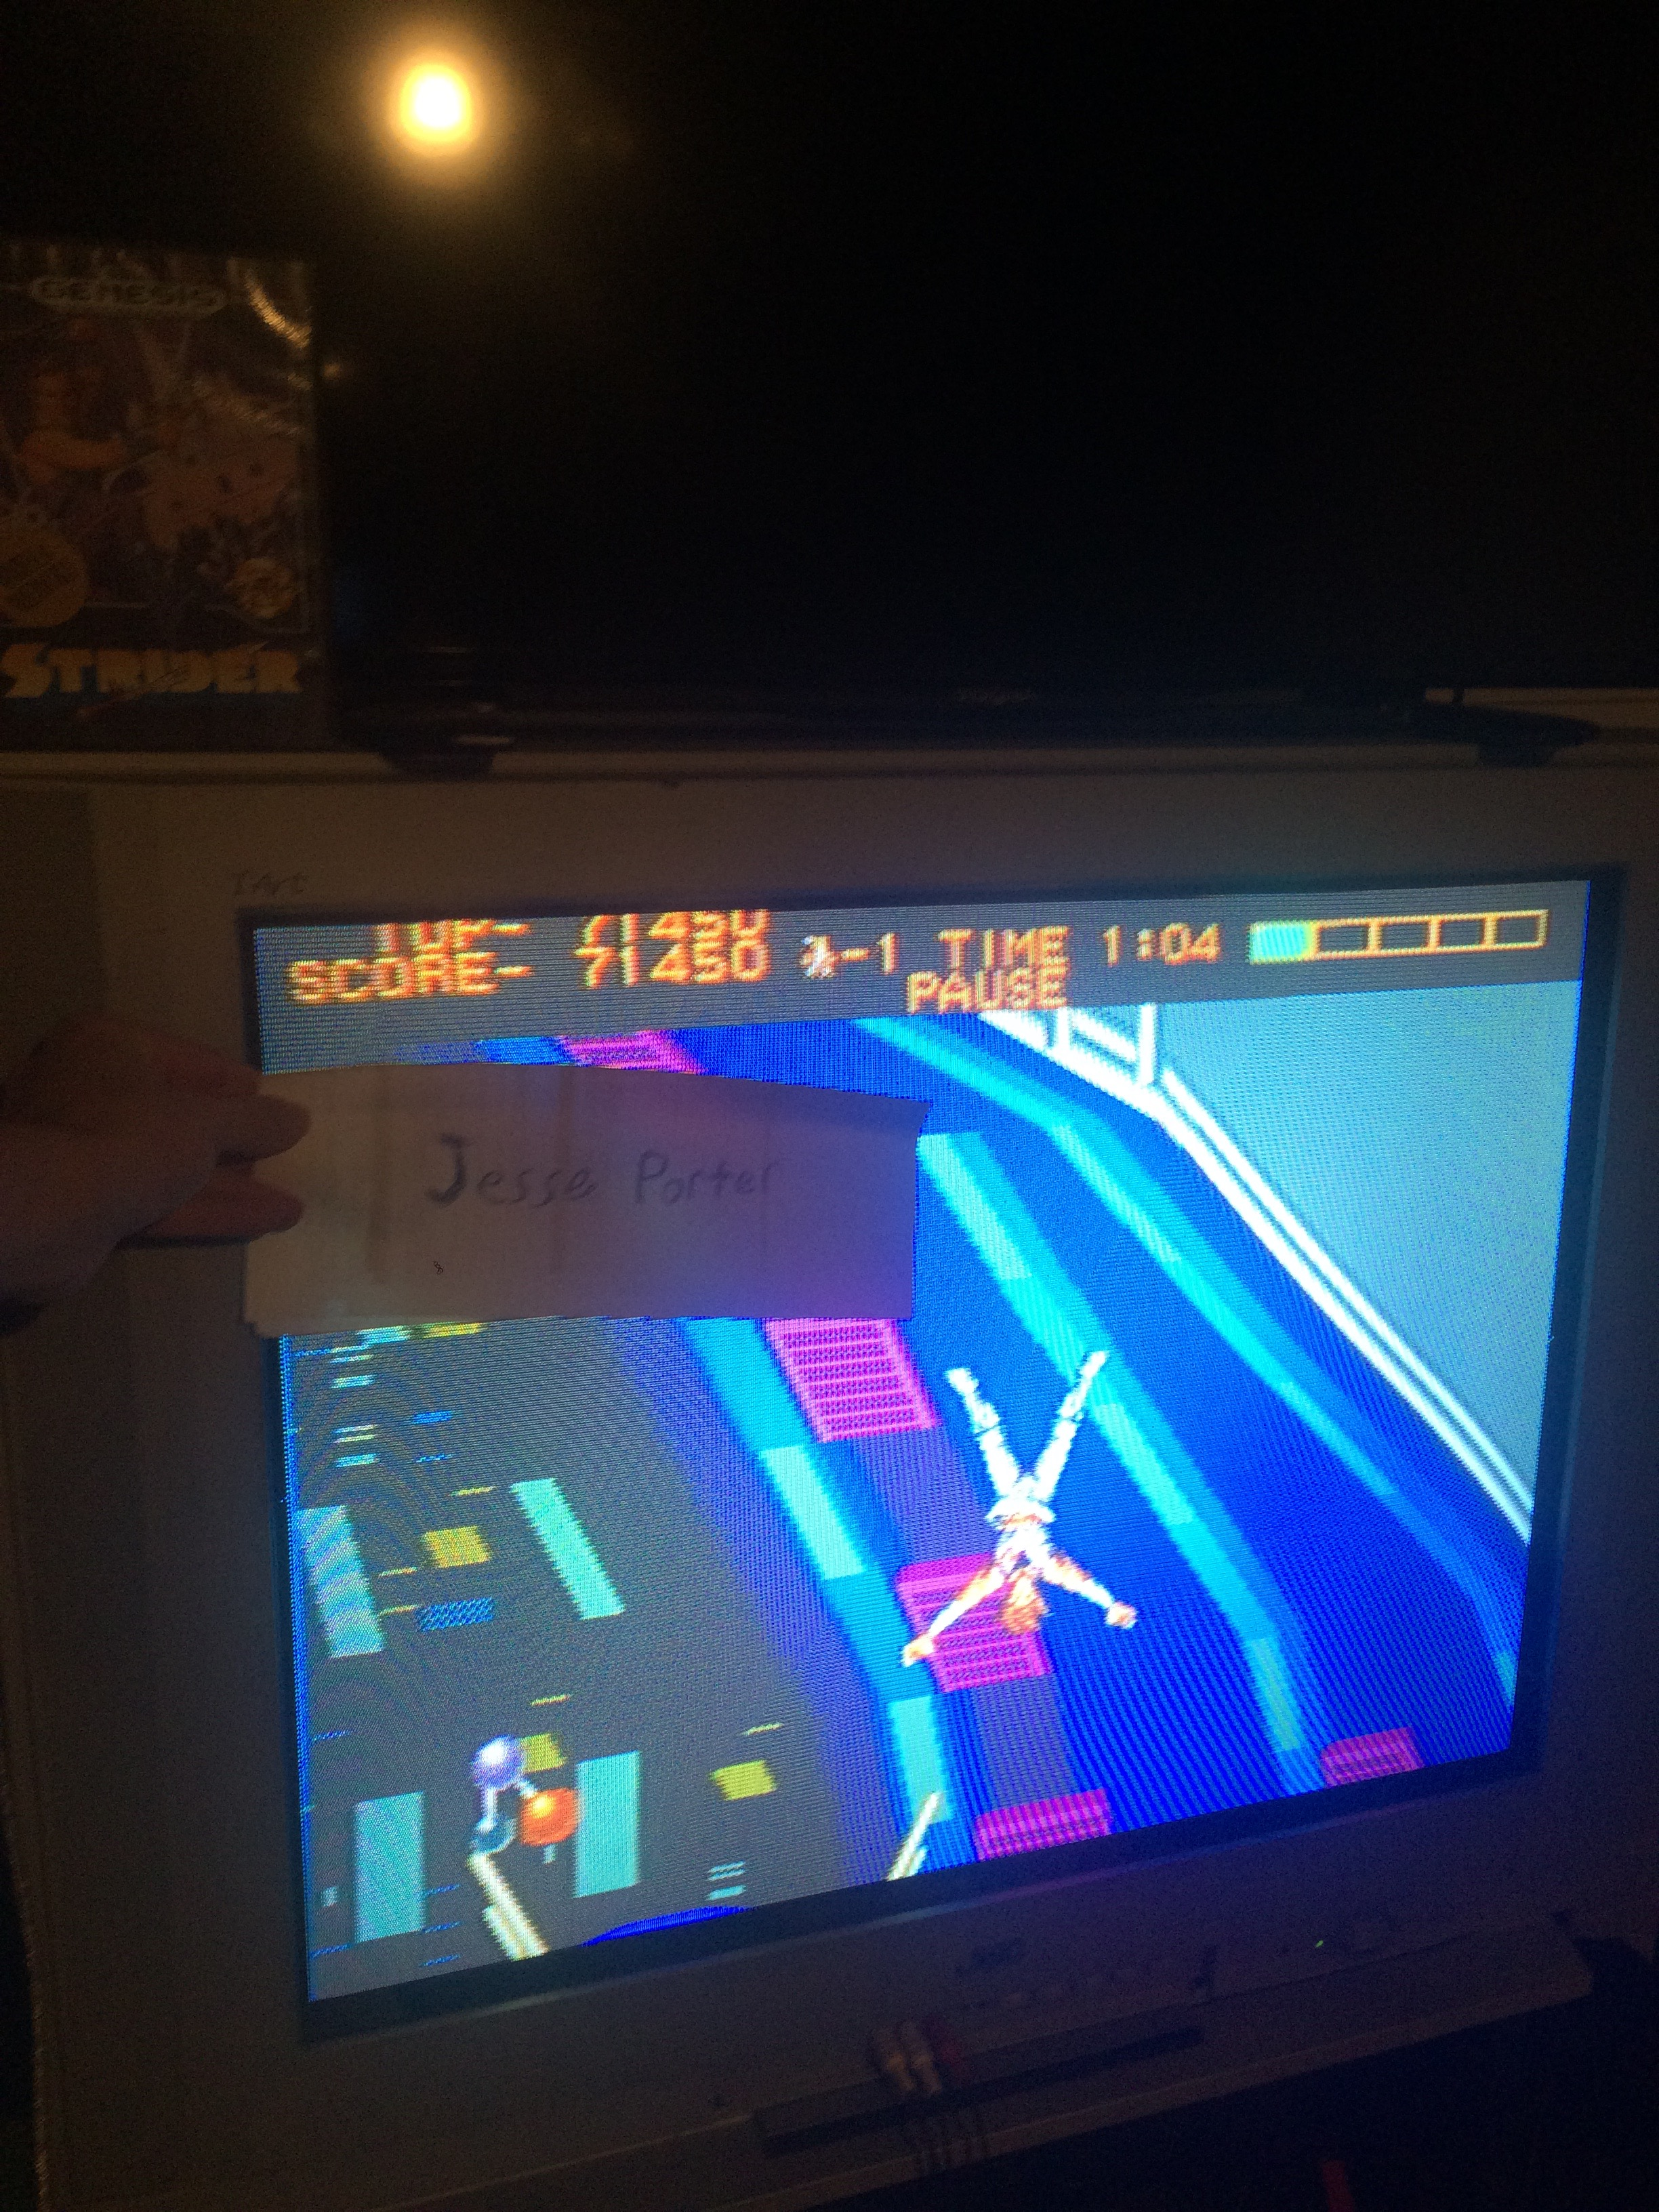 JessePorter: Strider (Sega Genesis / MegaDrive) 71,450 points on 2016-09-05 01:27:13